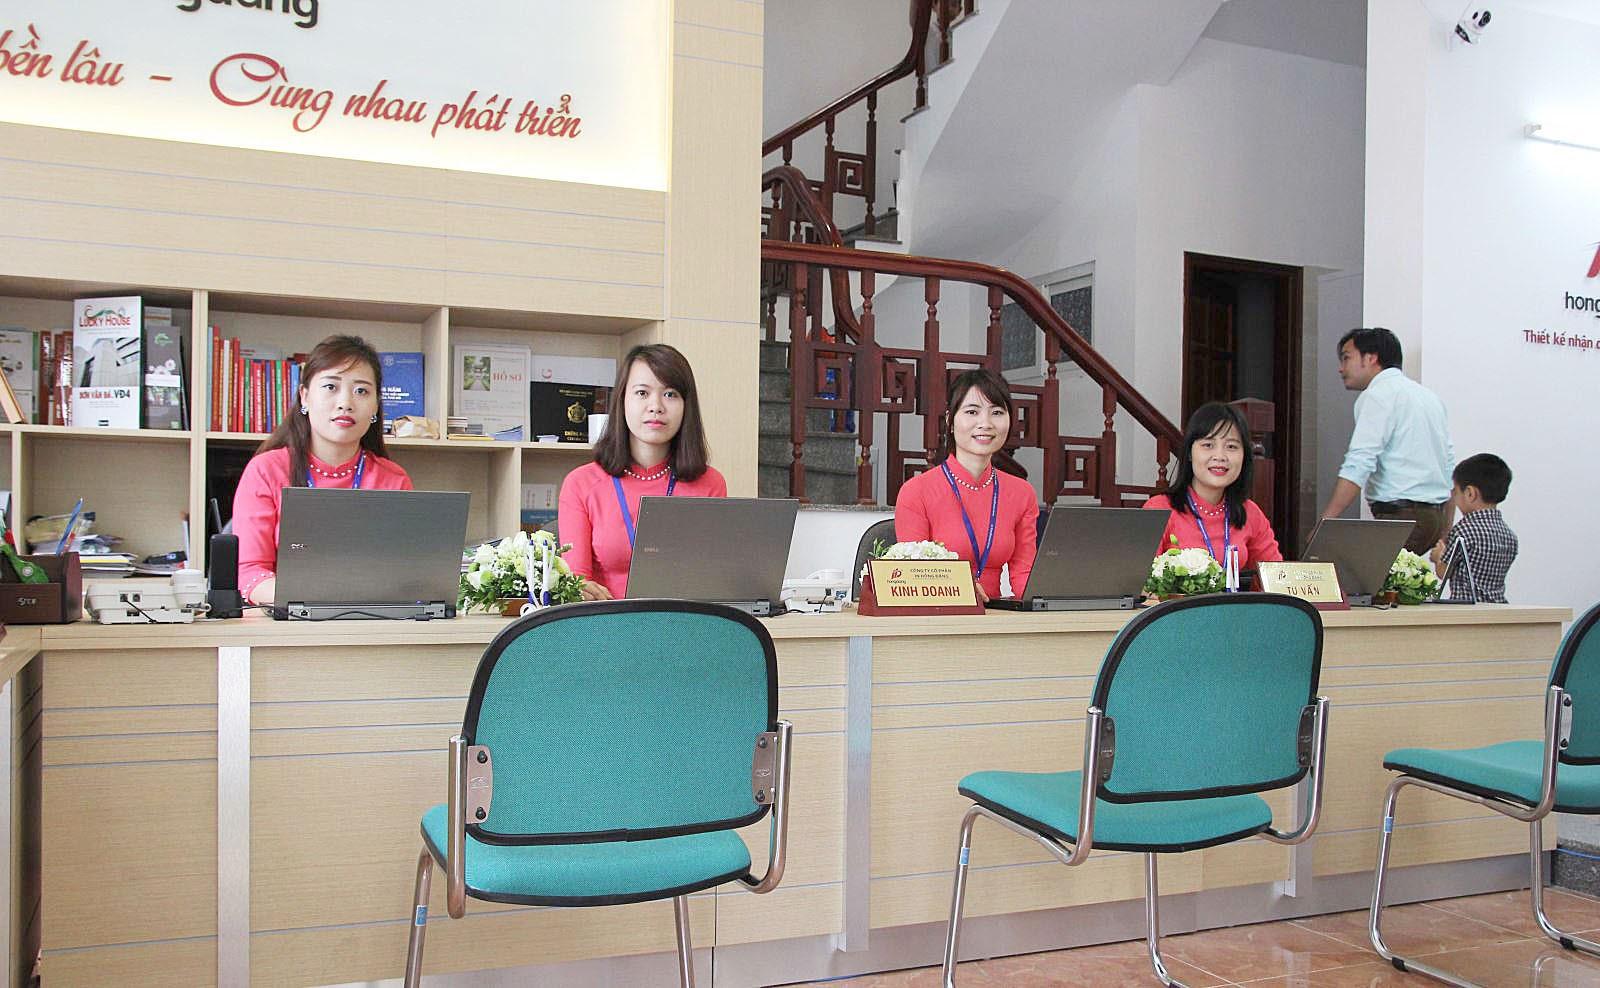 Kinh nghiệm lựa chọn đơn vị in lịch tết giá rẻ uy tín tại Hà Nội